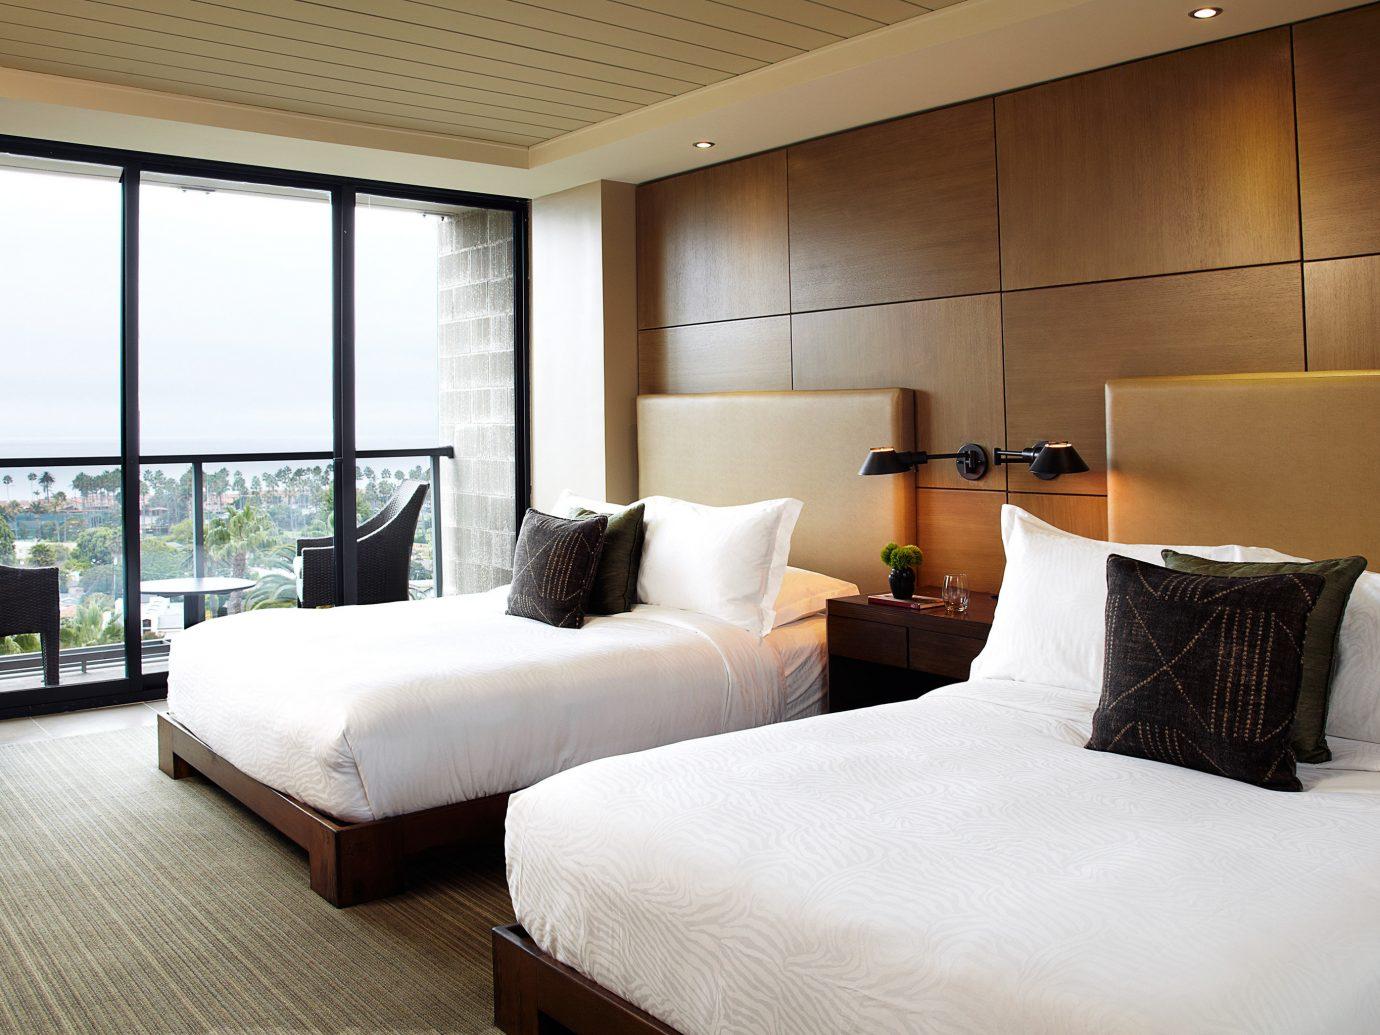 Bedroom At Hotel La Jolla, Ca